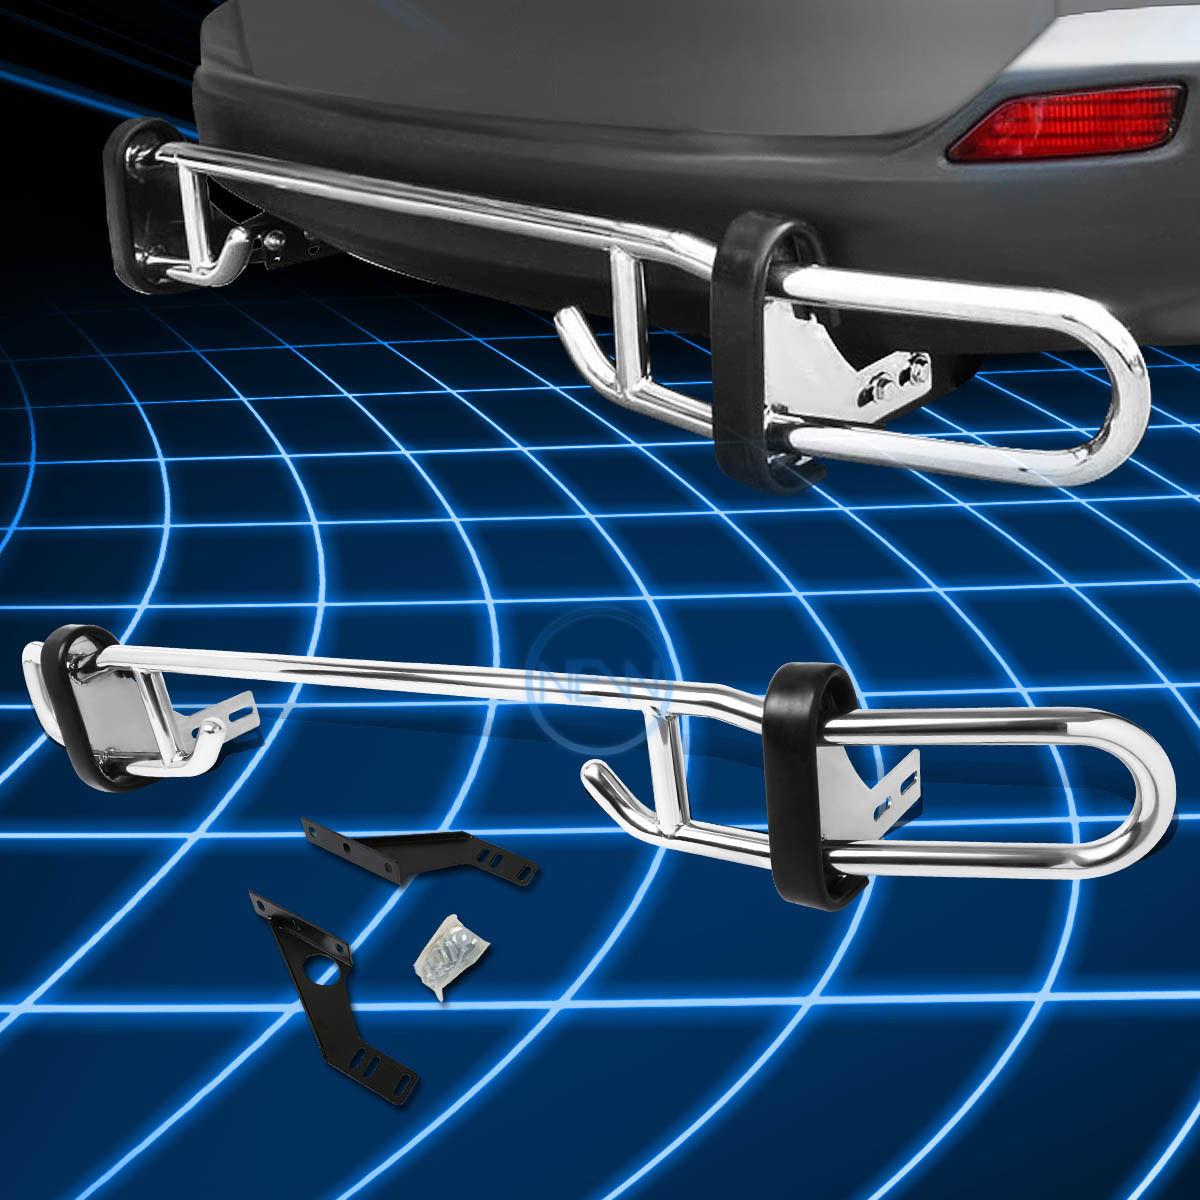 グリル 2006-2012トヨタRAV4 XA30用ステンレススチールダブルパイプバーリアバンパーガード Stainless Steel Double Pipe Bar Rear Bumper Guard for 2006-2012 Toyota RAV4 XA30